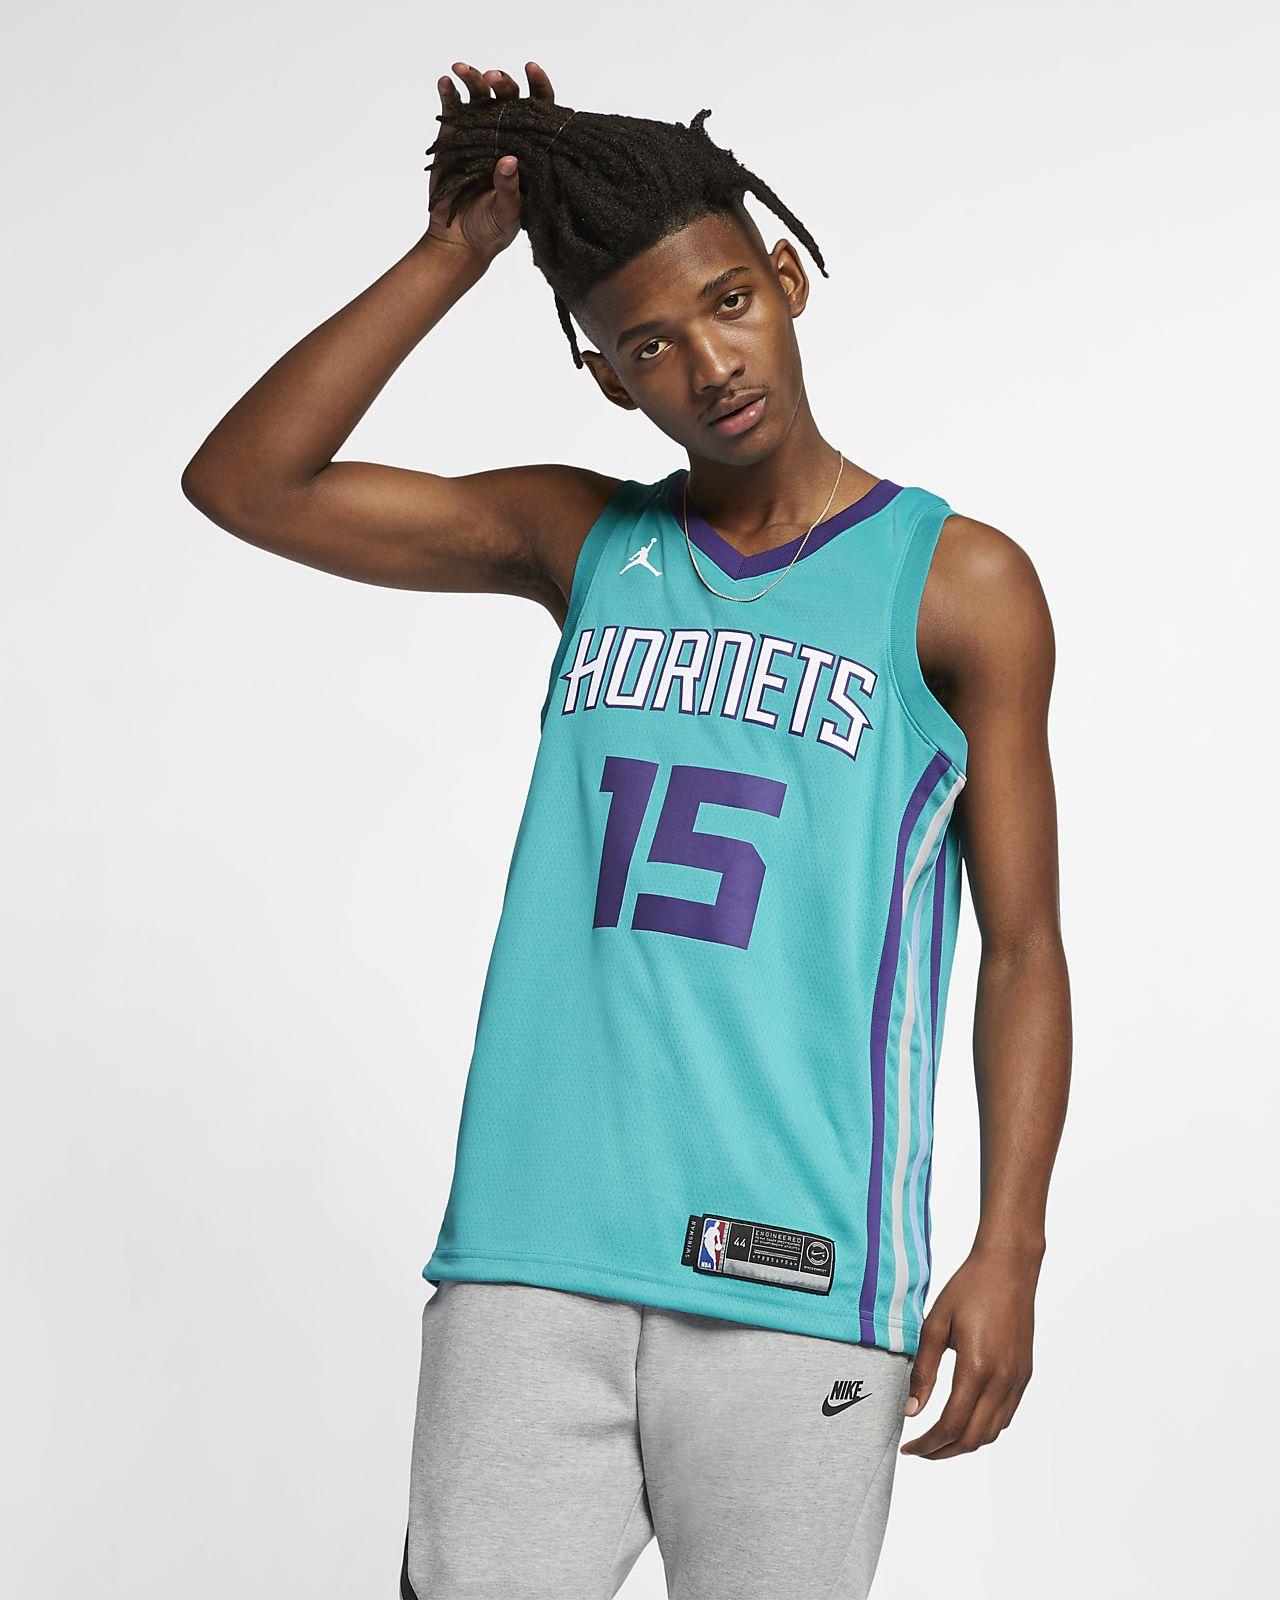 เสื้อแข่ง Jordan NBA Connected ผู้ชาย Kemba Walker Icon Edition Swingman (Charlotte Hornets)